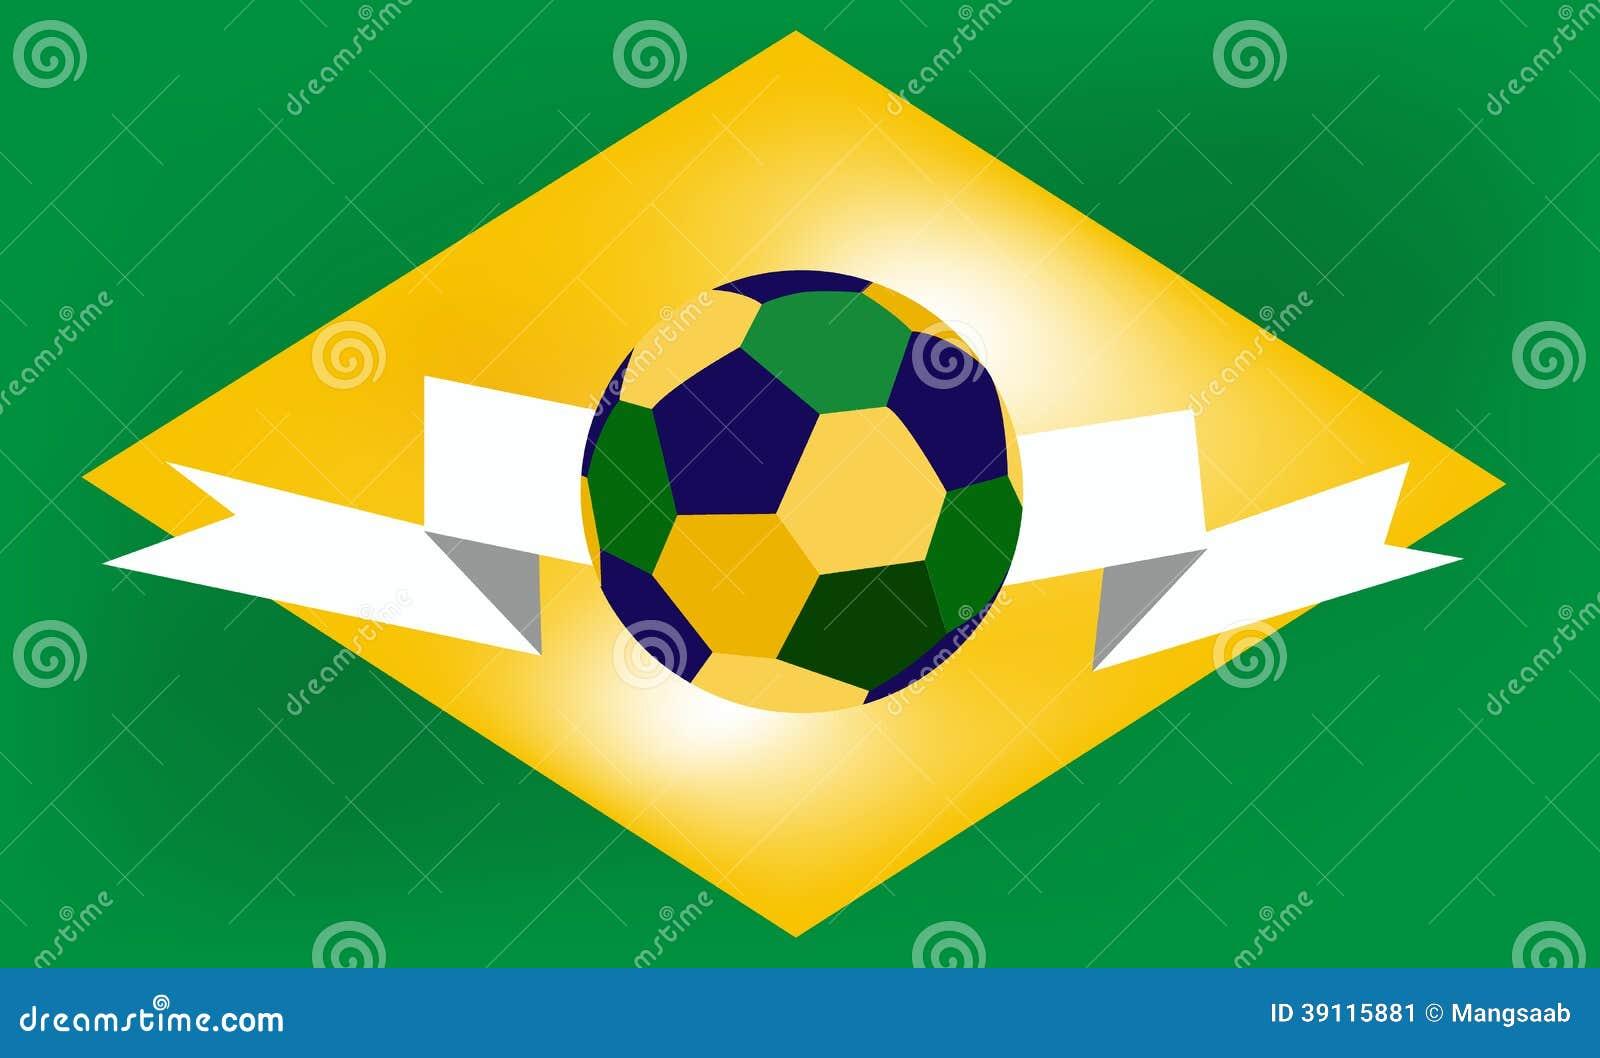 Voetbalbal in het centrum van de vlag van Brazilië